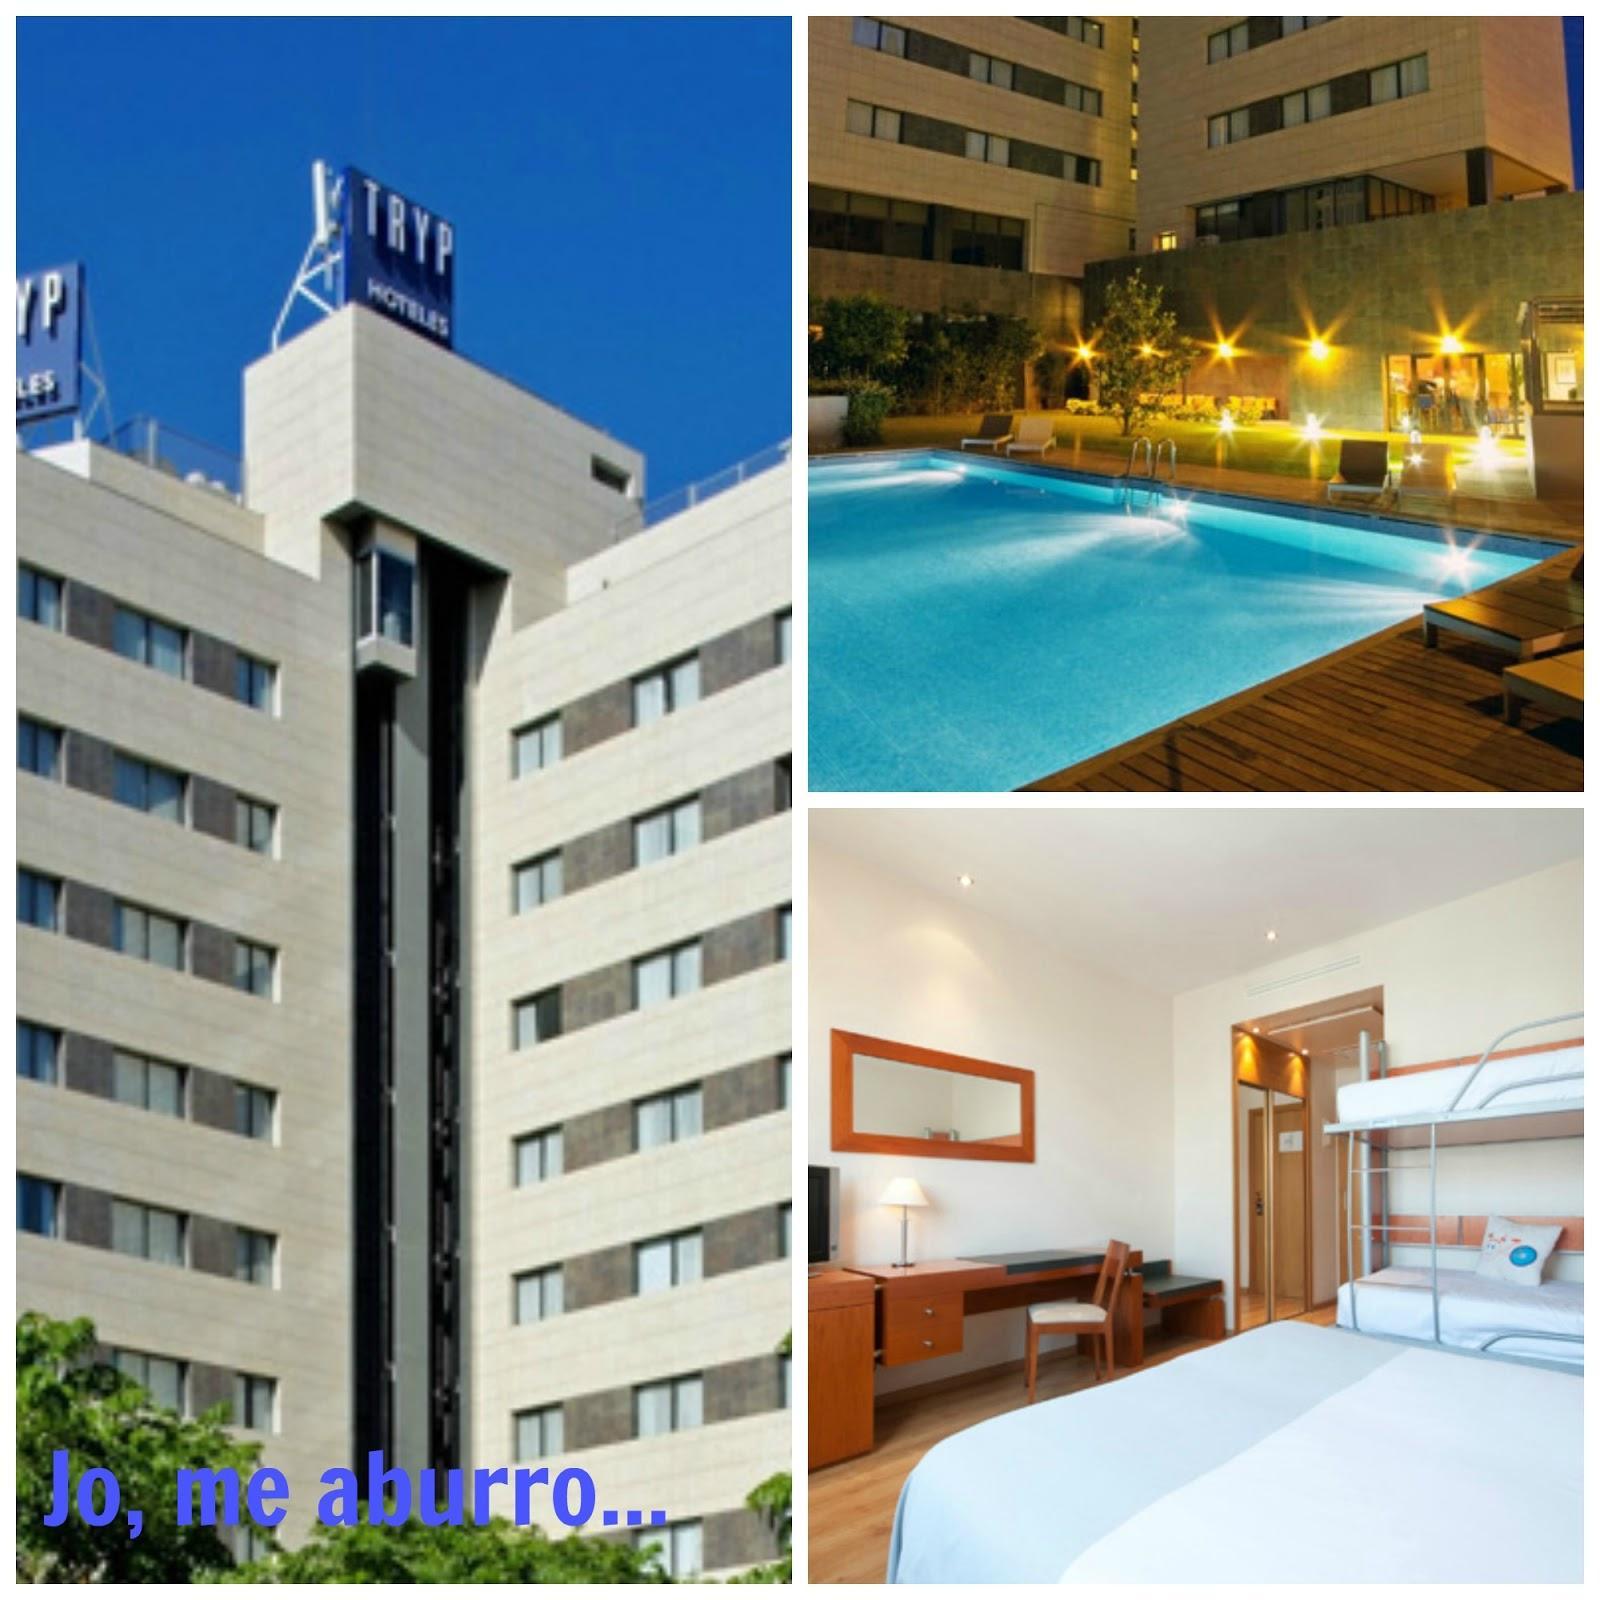 Gu a de valencia parte 1 paperblog for Hotel oceanografic ninos